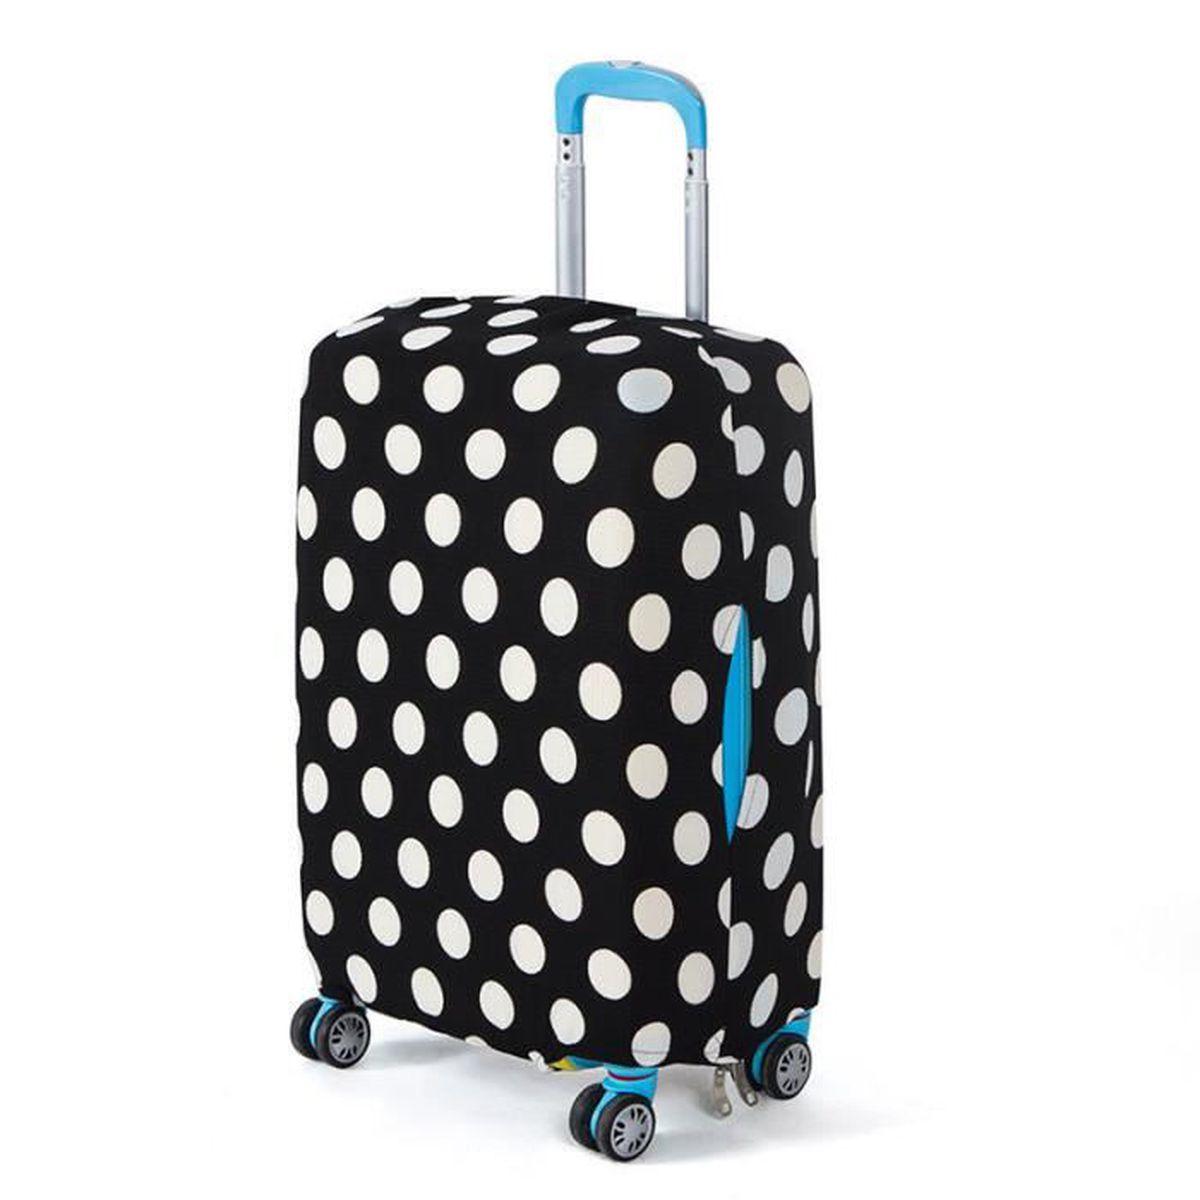 Housse protection pour valise achat vente housse for Housse protection valise